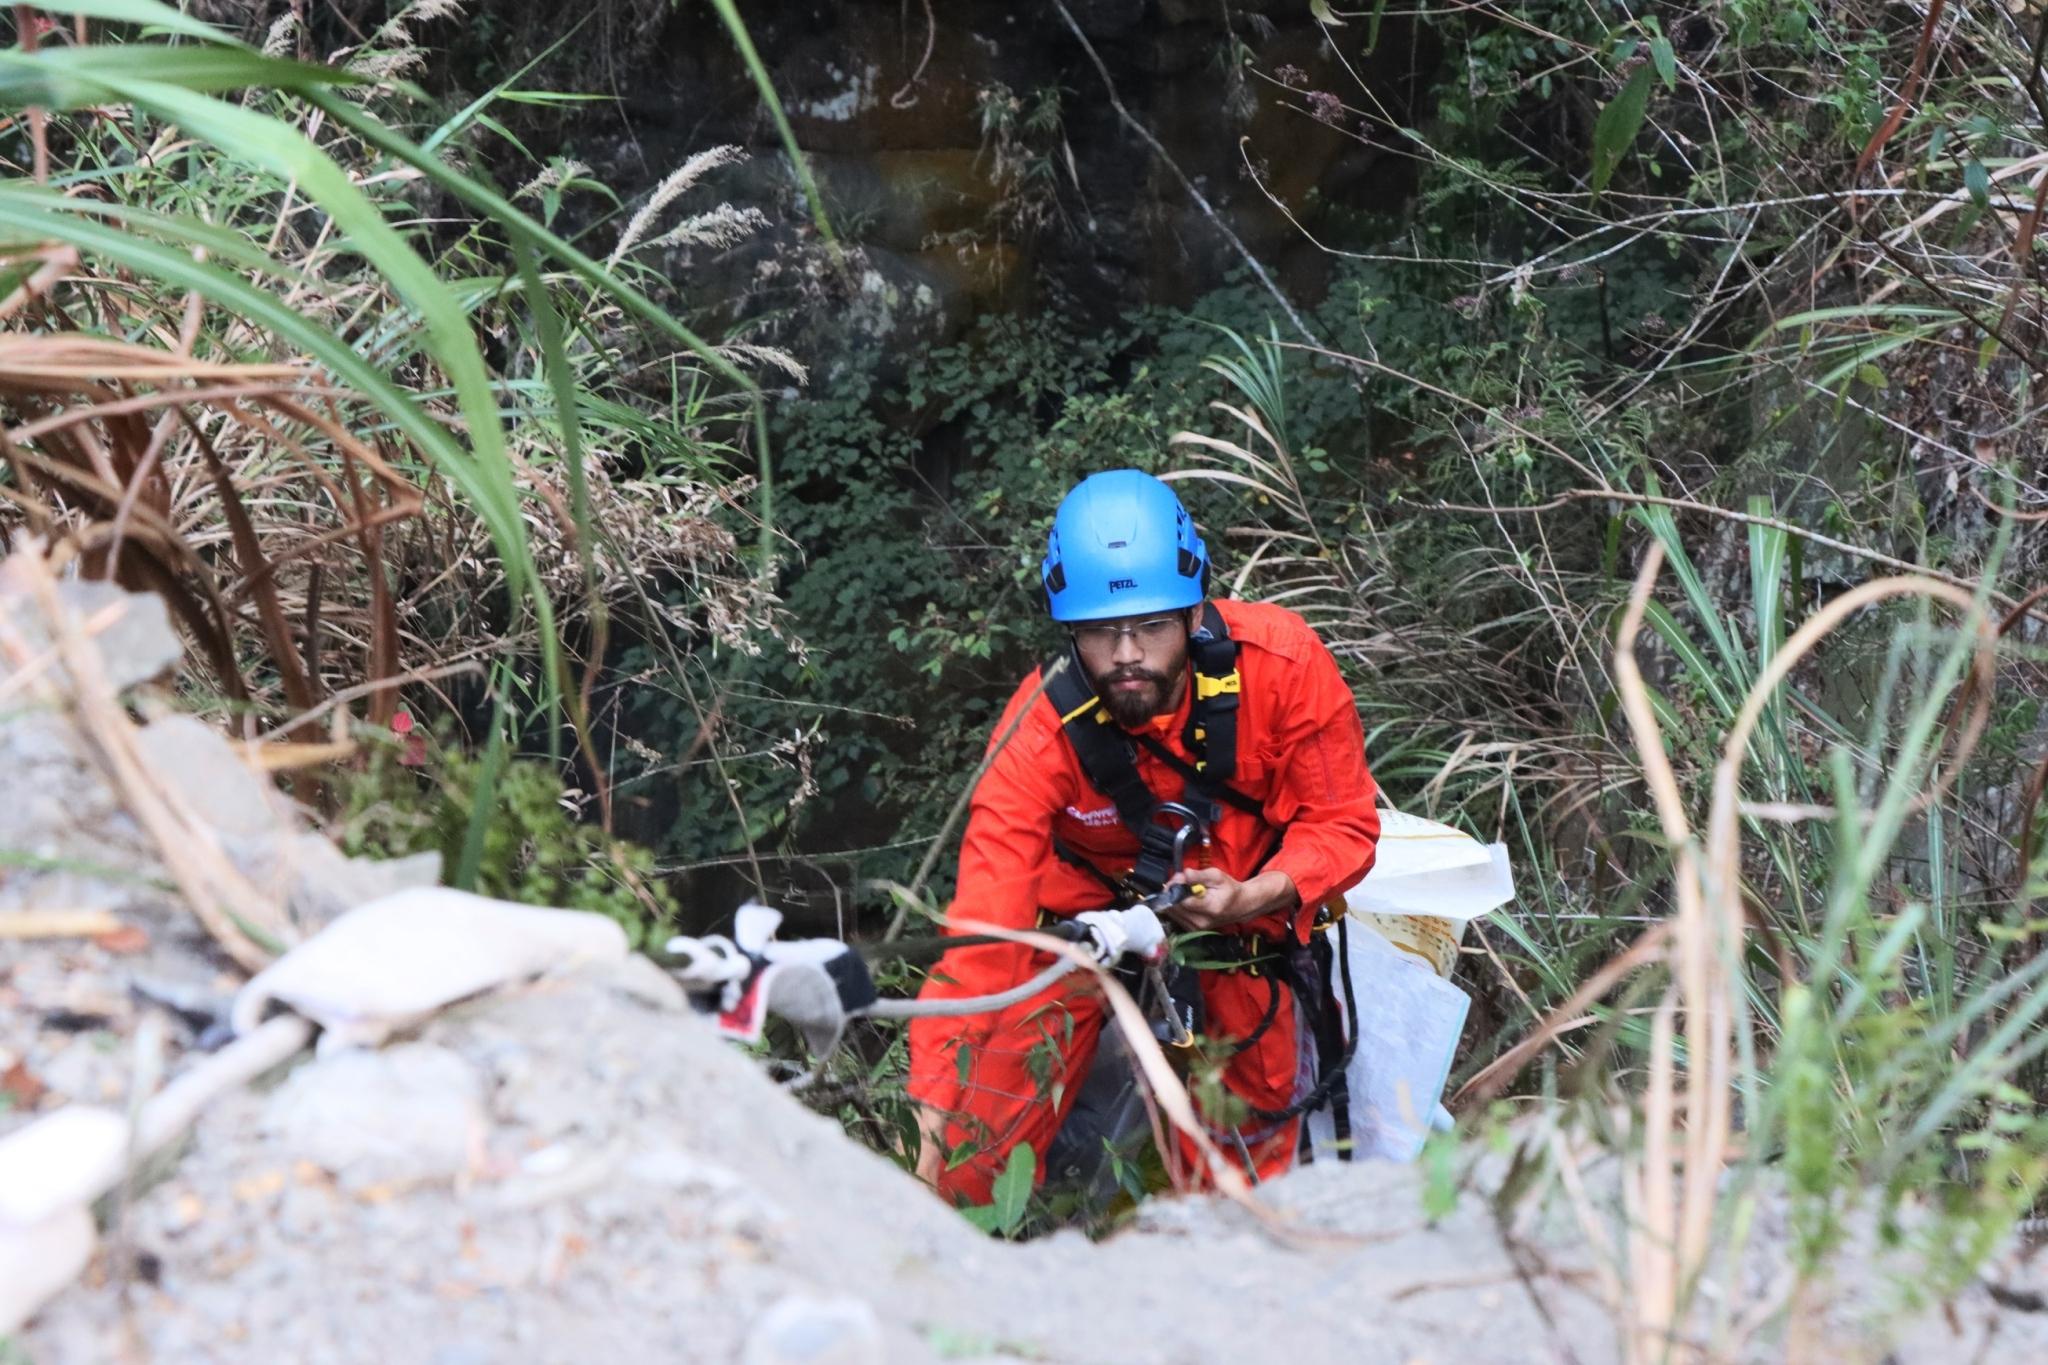 攀爬組員垂降至約50公尺下的山谷收集垃圾,並使用滑輪將5至10公斤不等的垃圾送回地面,交由地面組的伙伴們分類、整理。